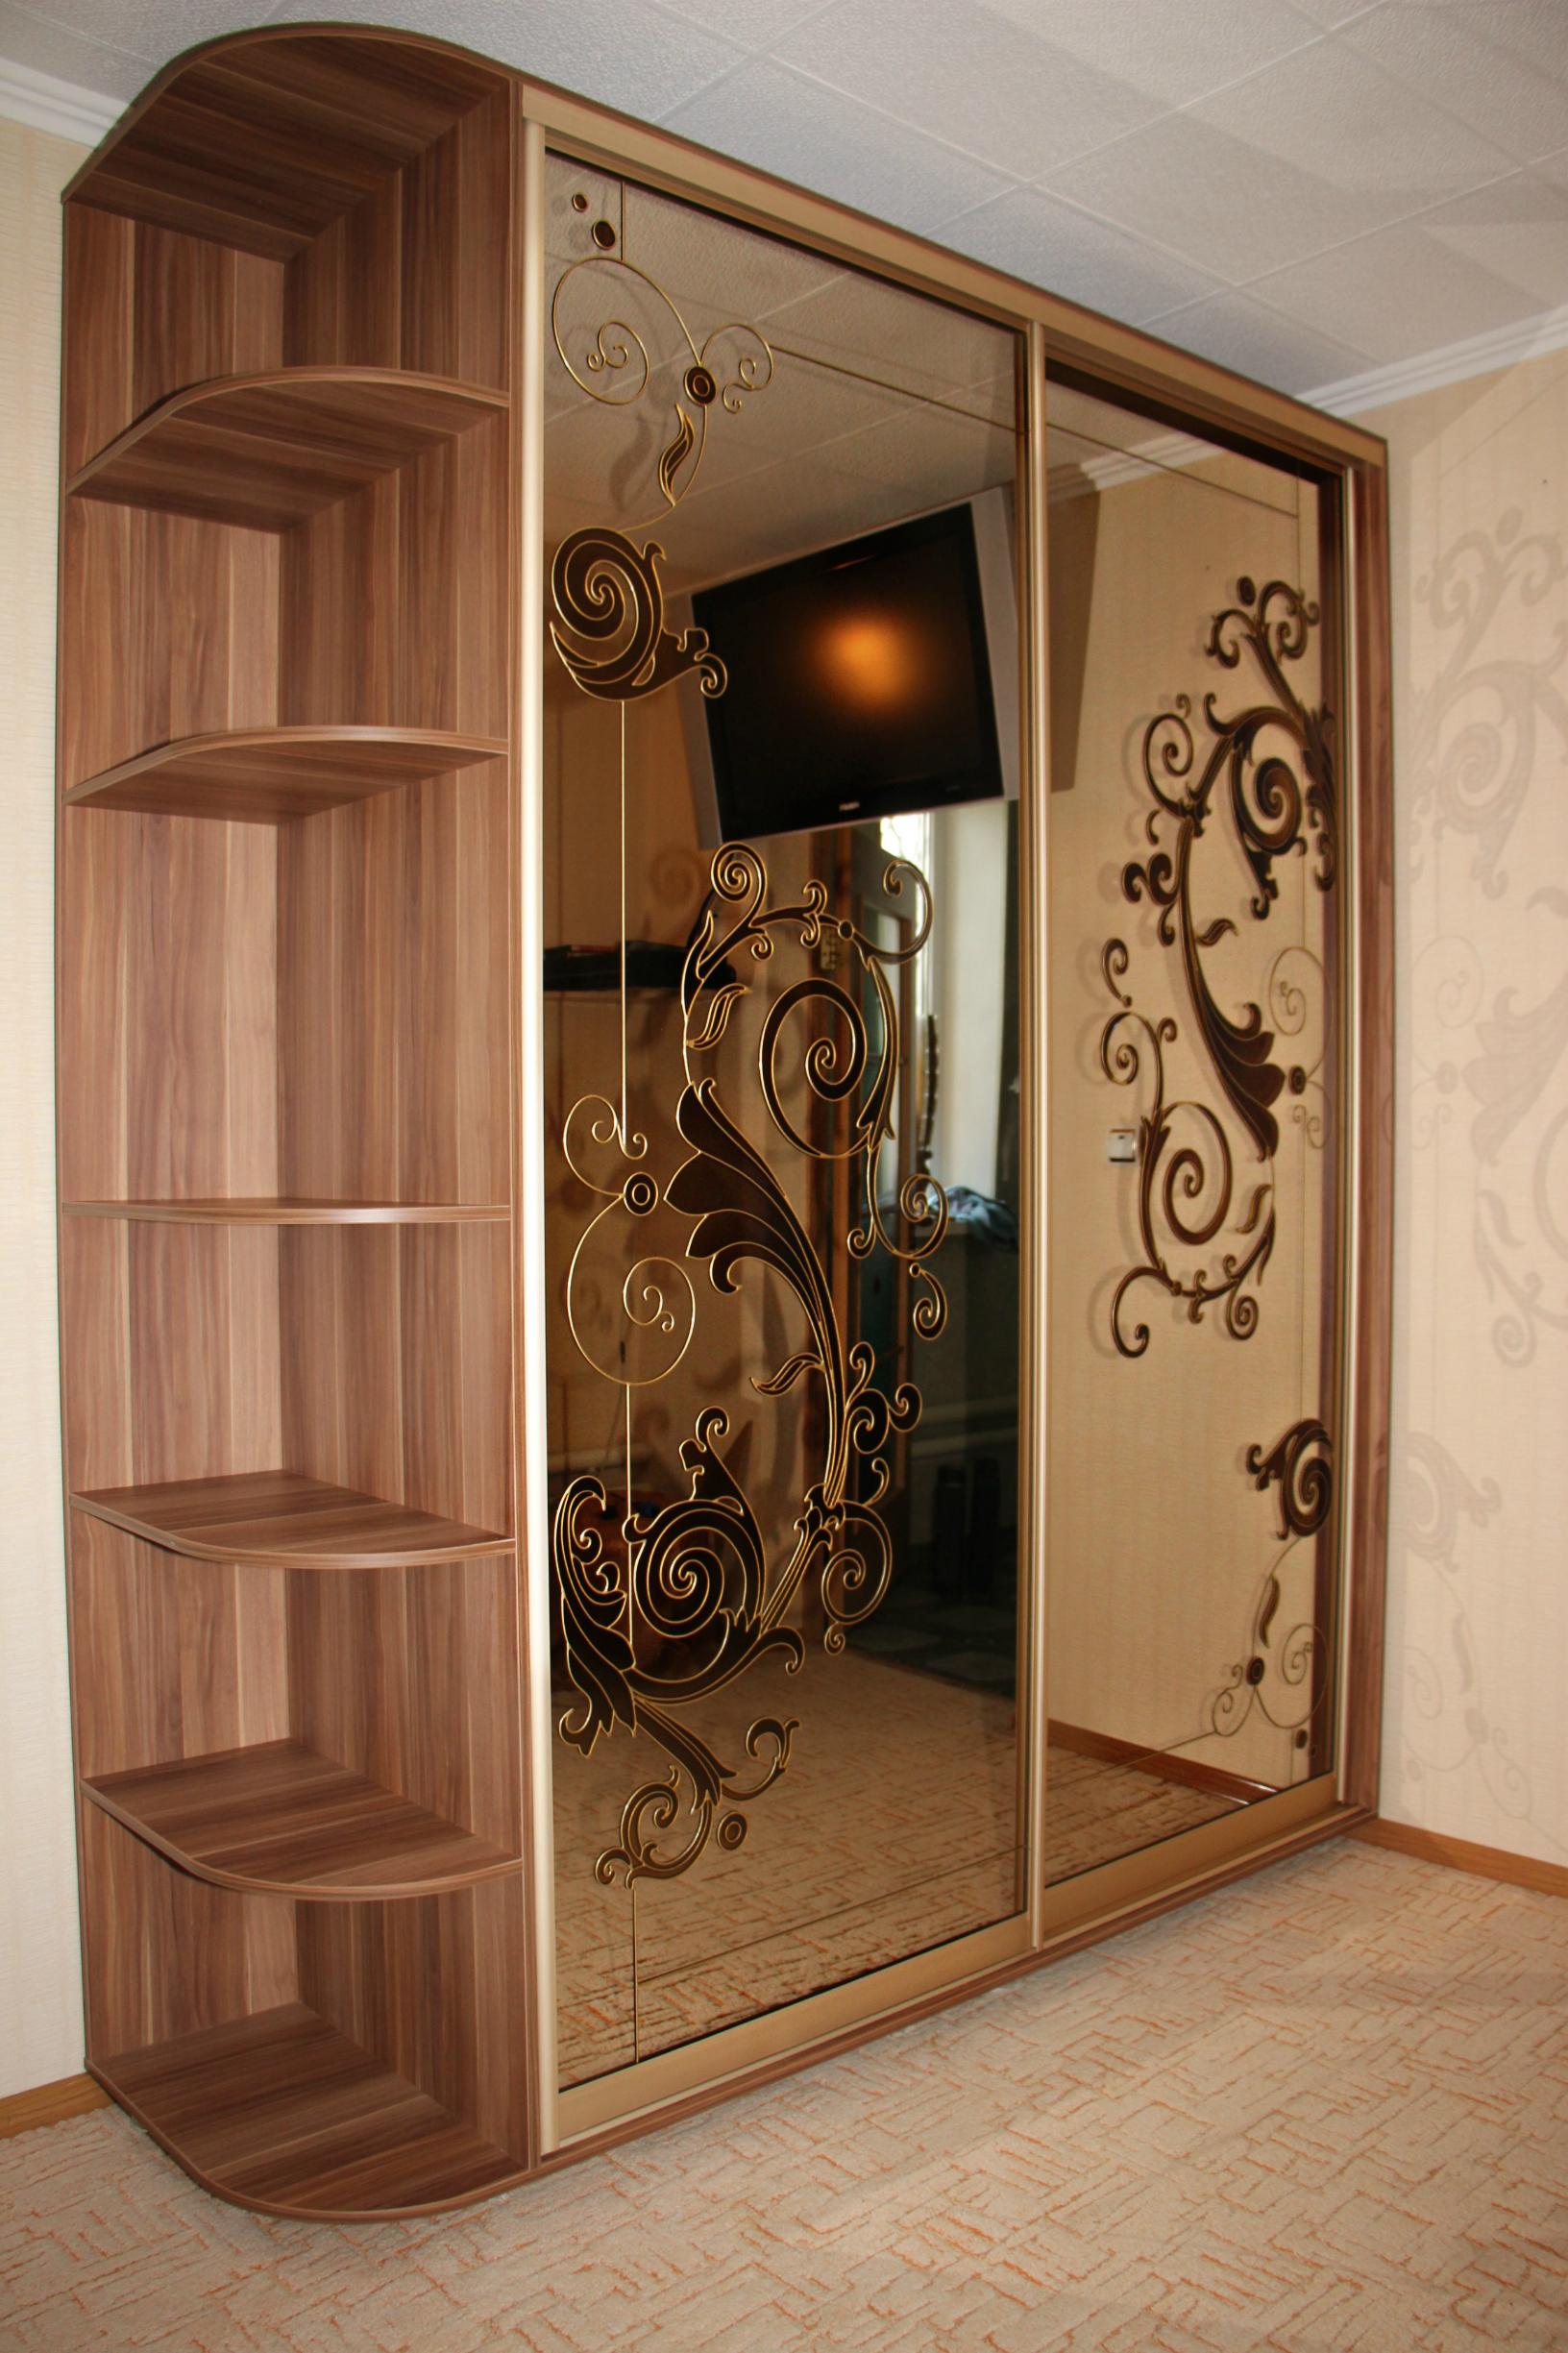 Шкаф встроенный или корпусный: выбираем оптимальный вариант